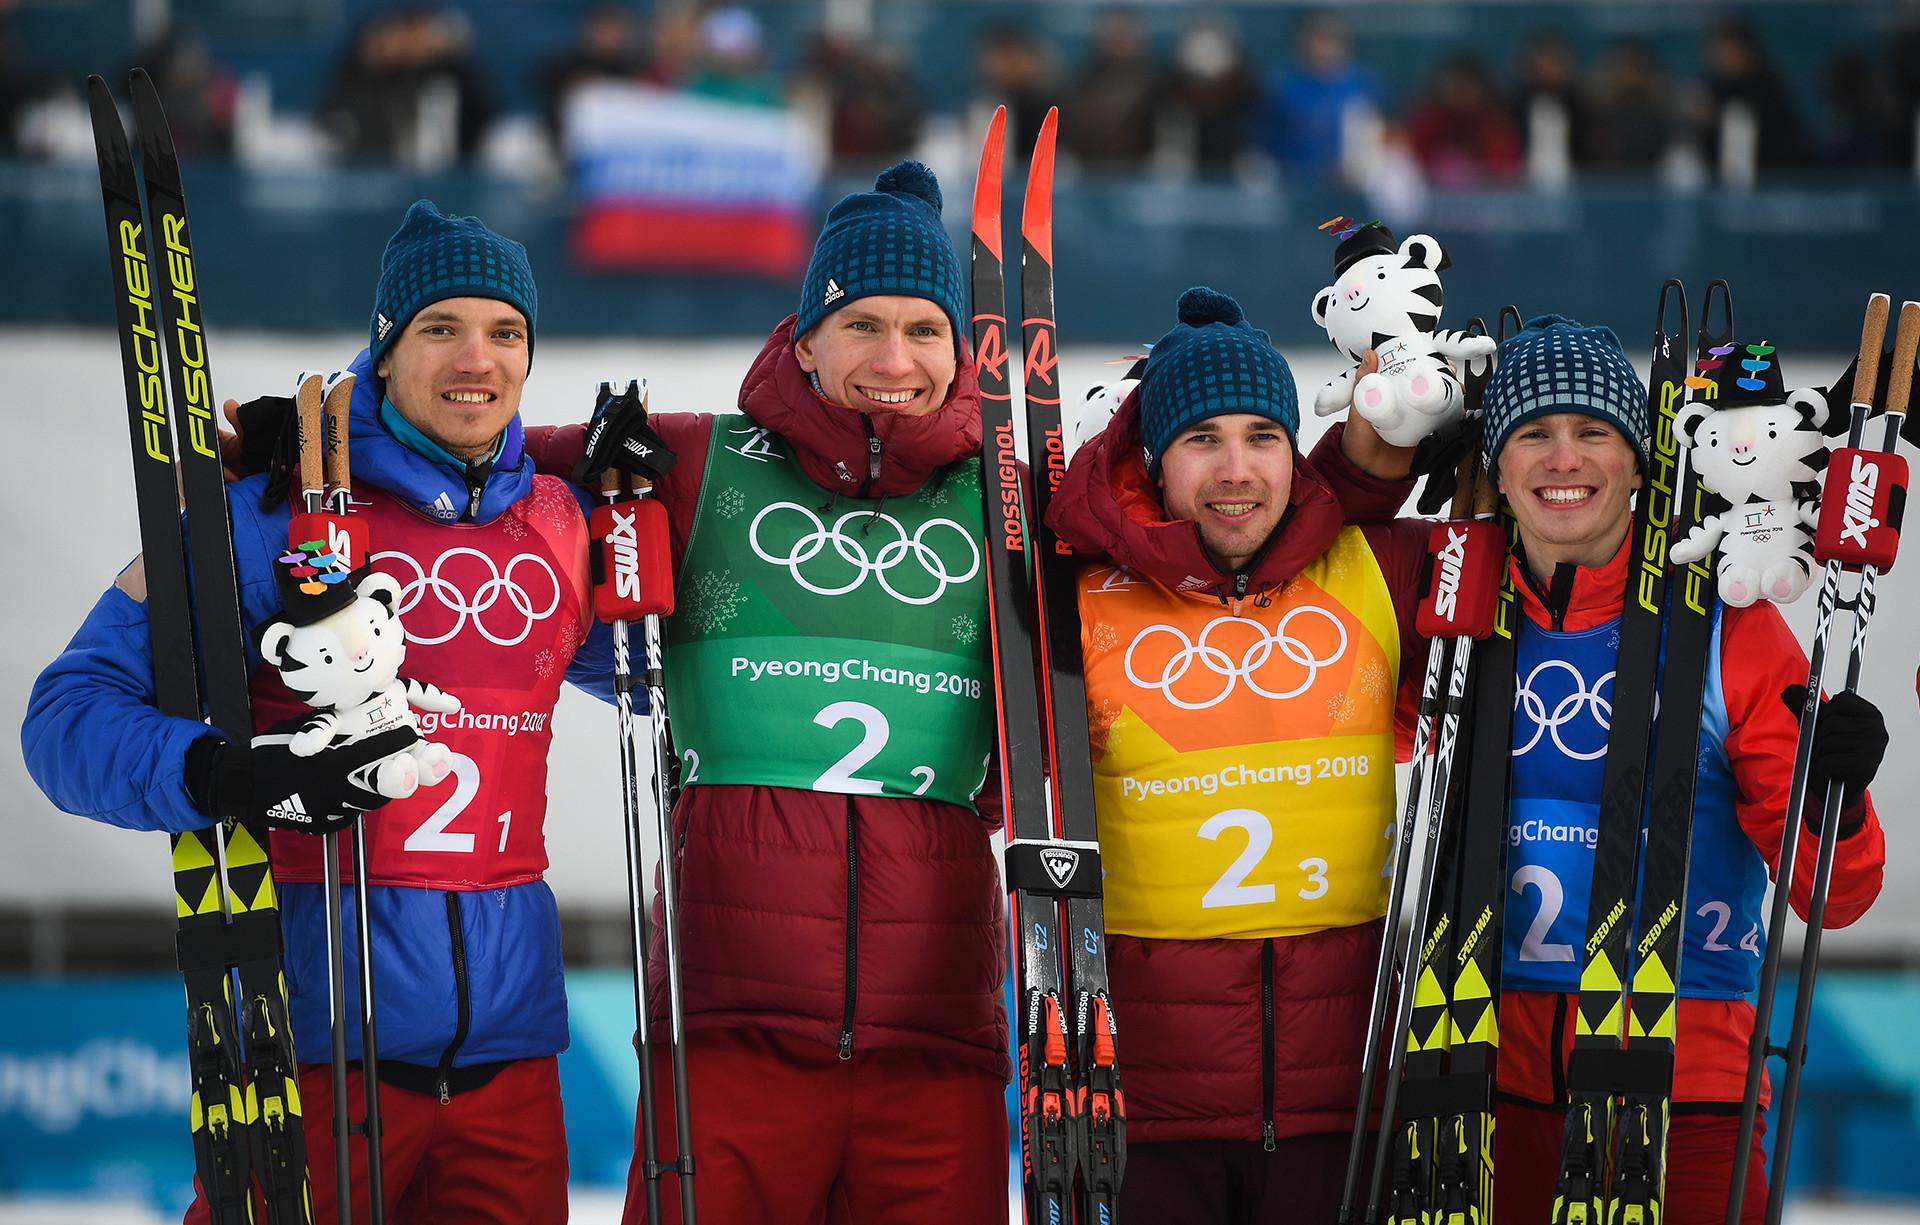 L-R: Andrey Larkov, Alexander Bolshunov, Aleksey Chervotkin and Denis Spitsov